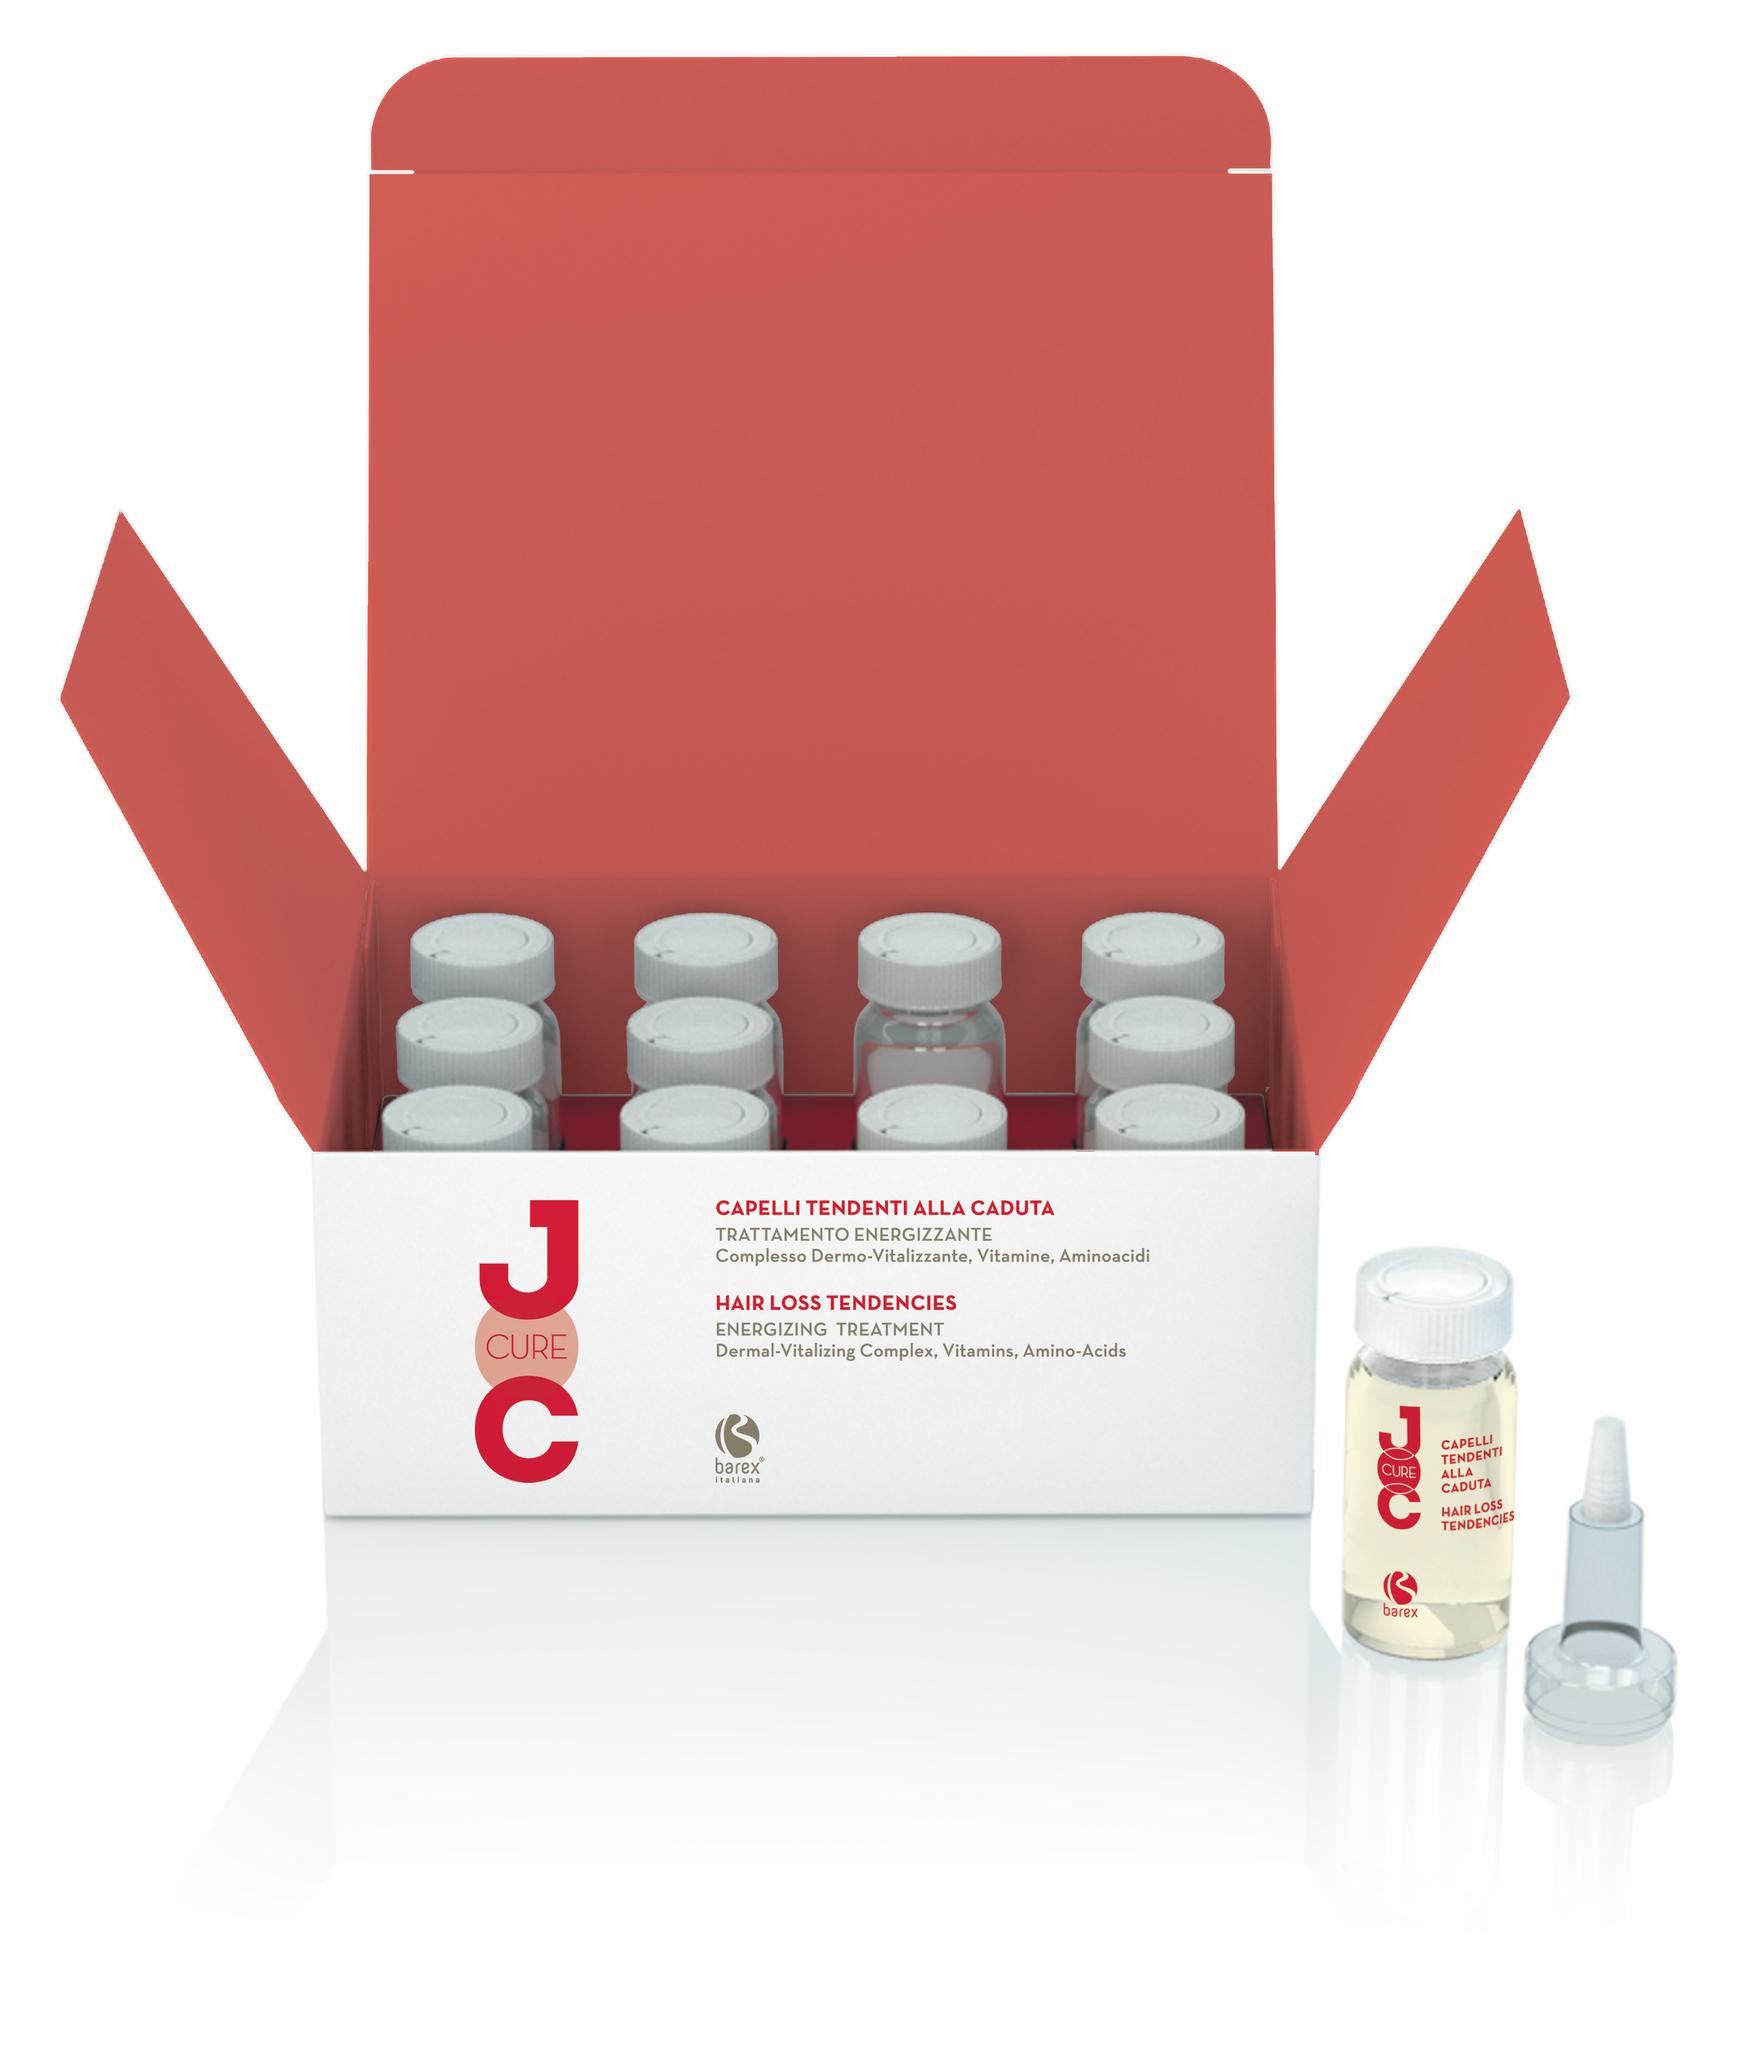 Интенсивная терапия против выпадения Стимулирующий Биоактивный комплекс, витамины, аминокислоты